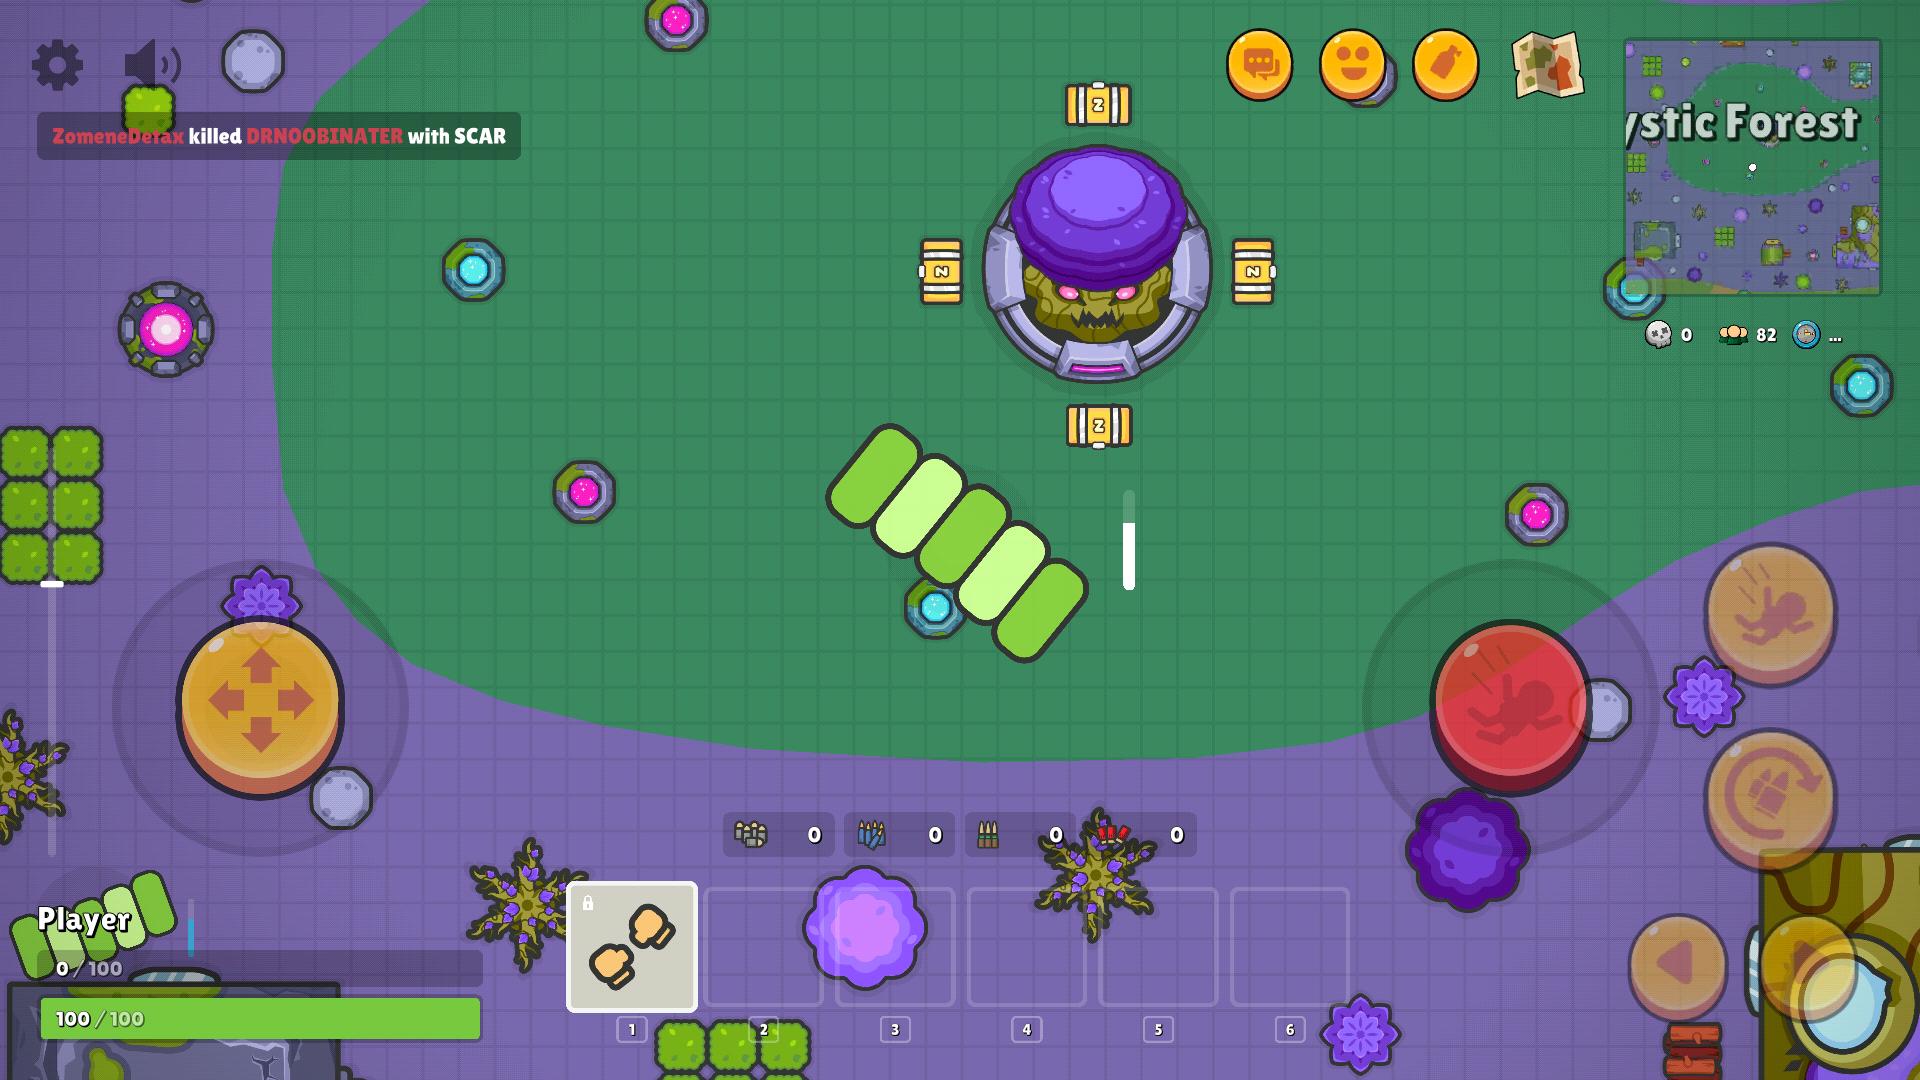 Скачать игру ZombsRoyale io - 2D Battle Royale на Андроид